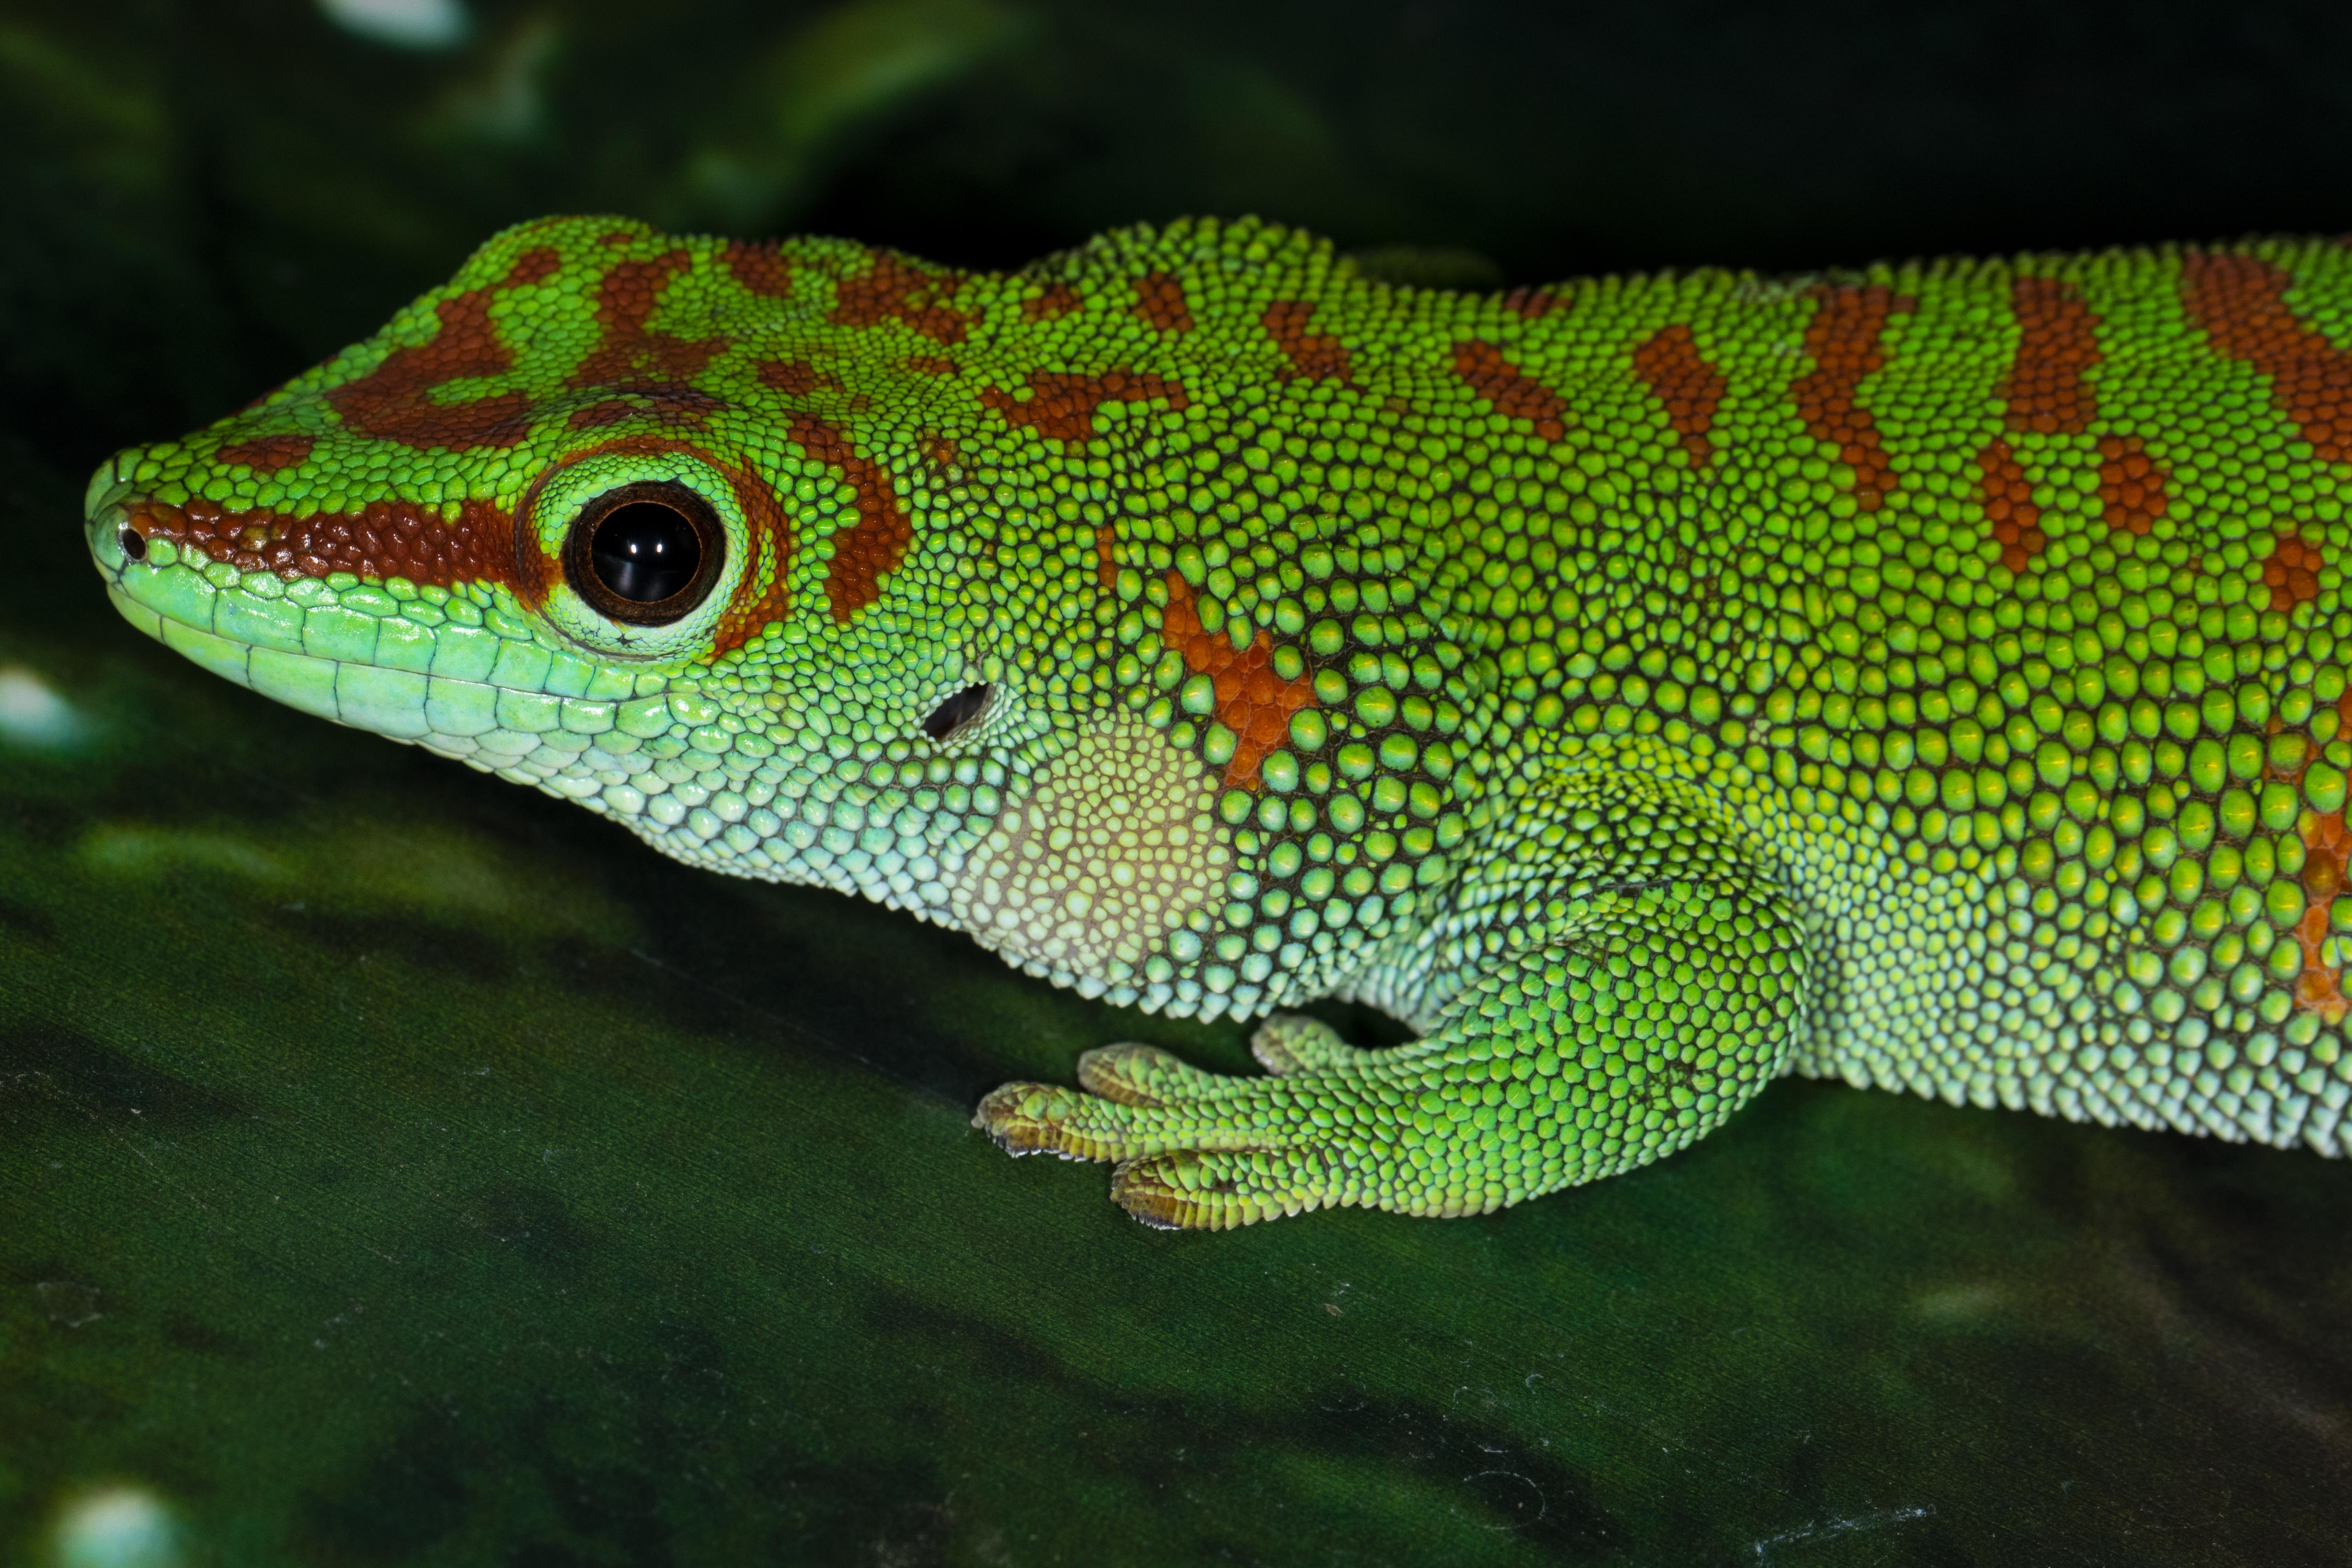 6-Madagascar Day Gecko